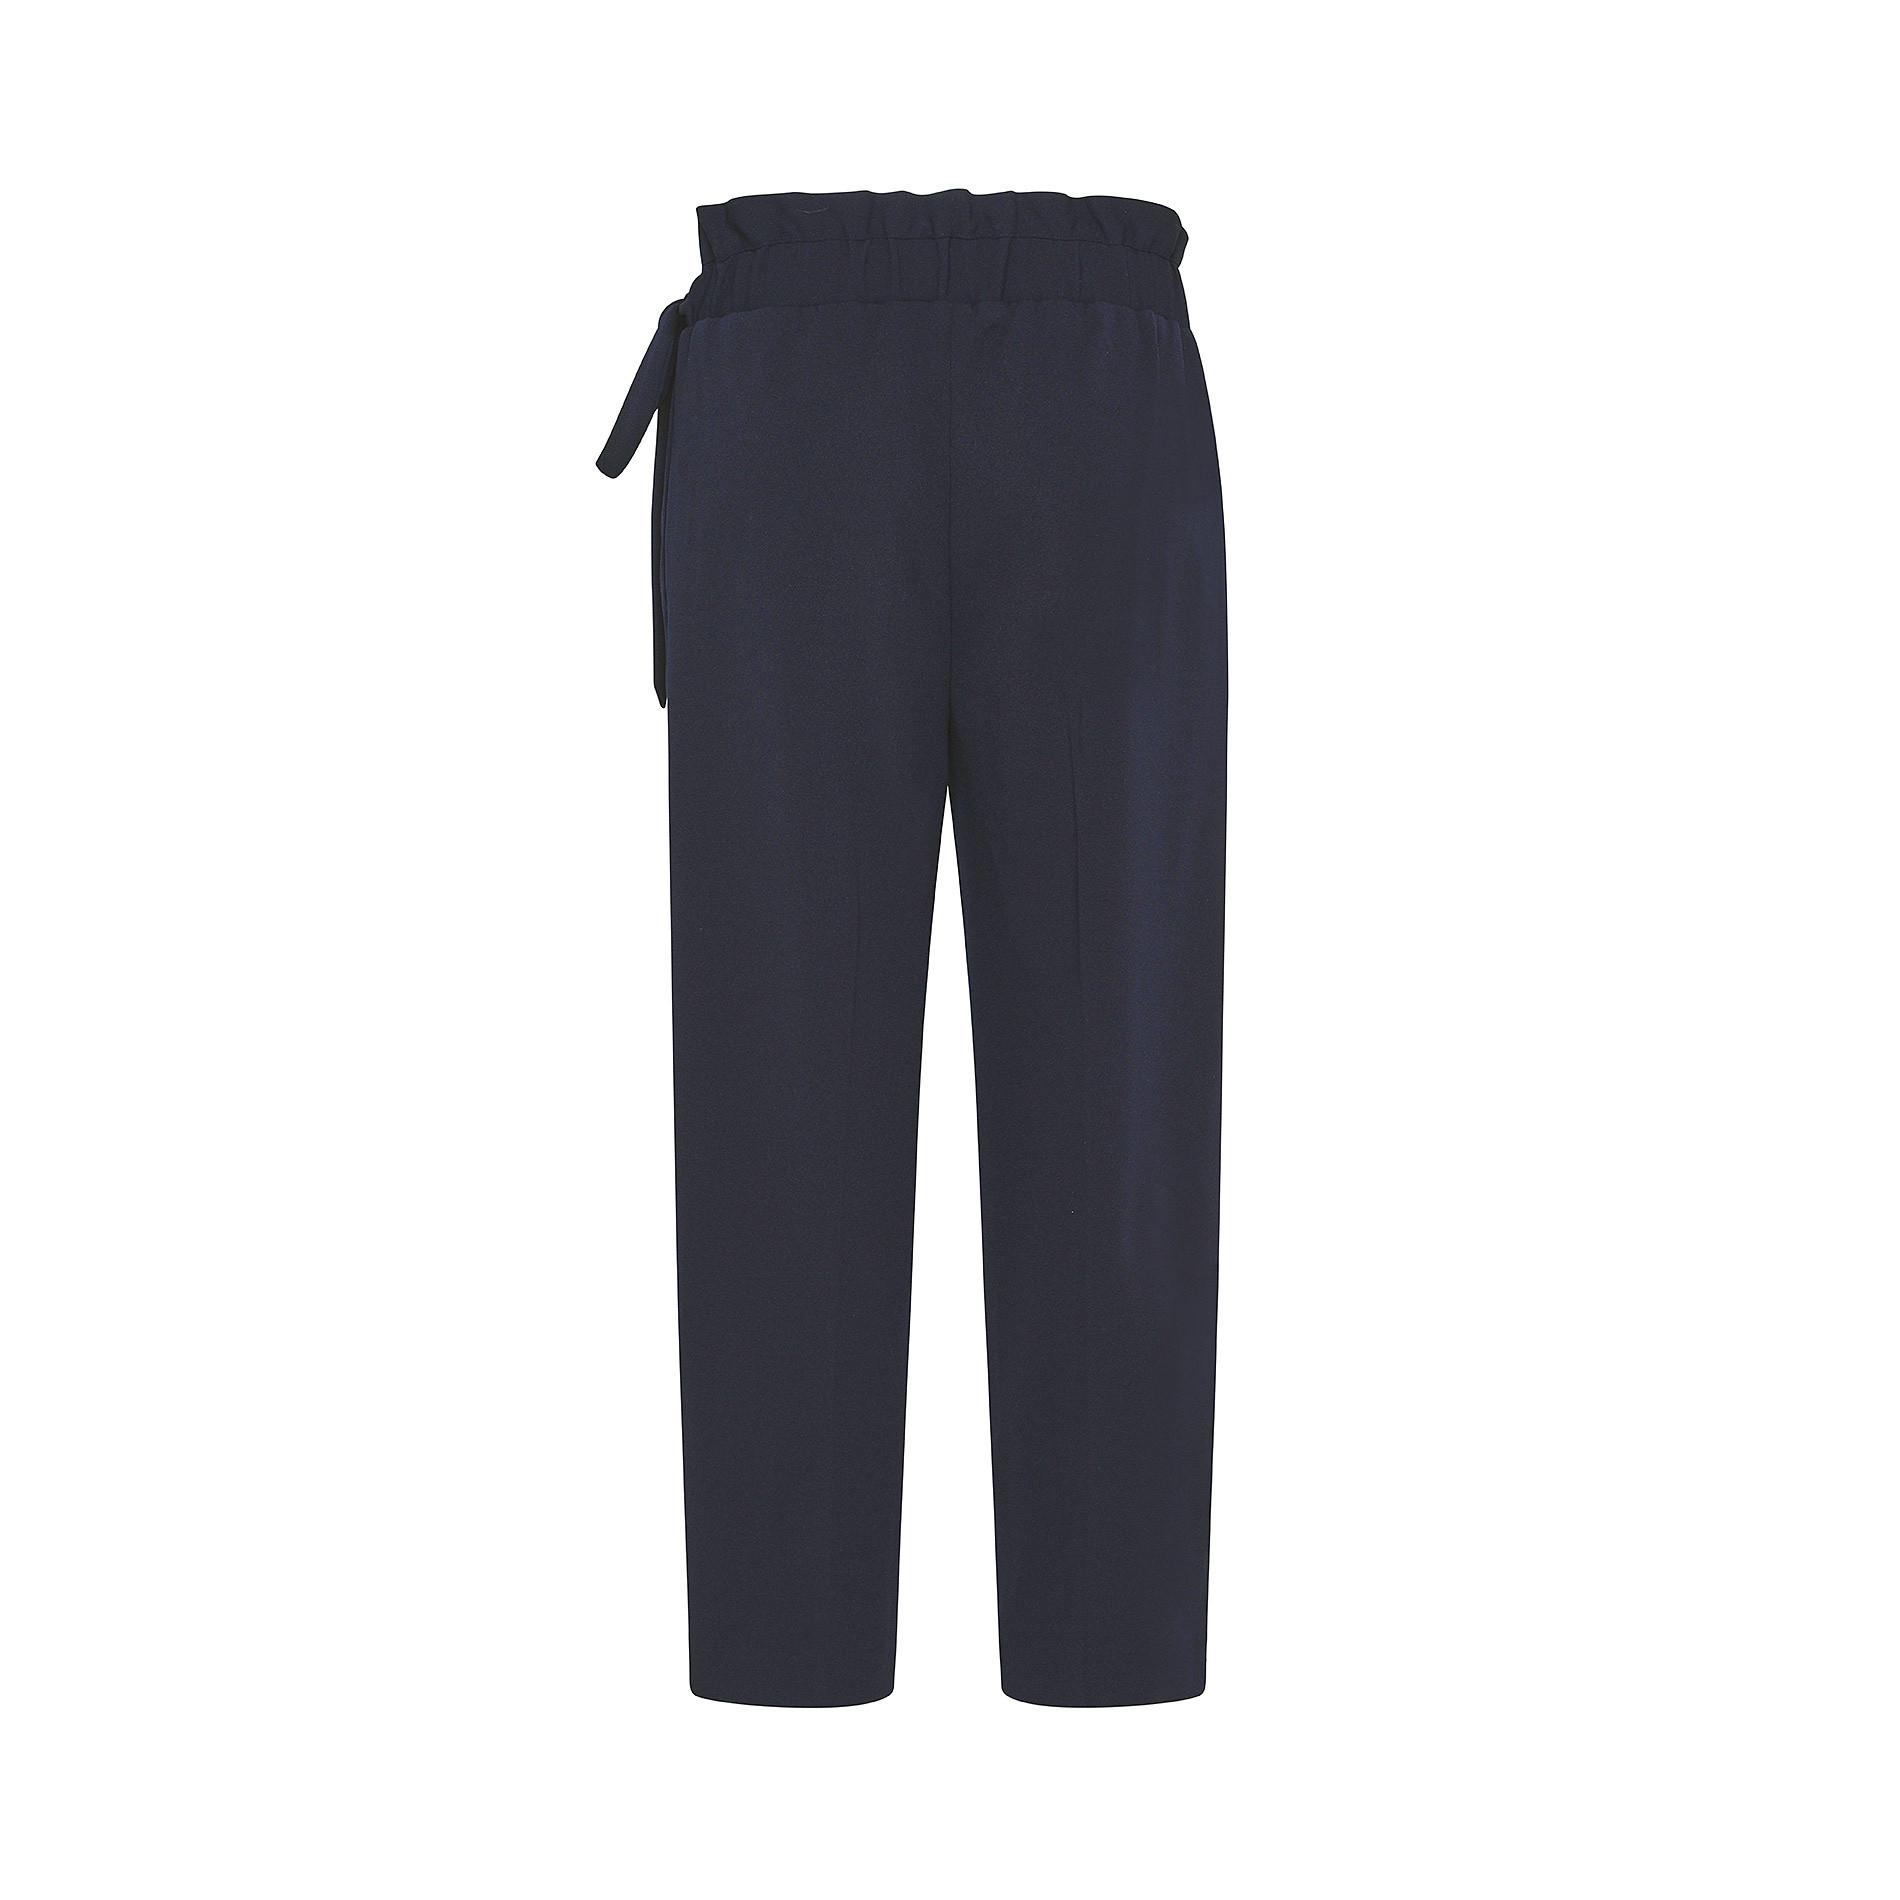 Pantalone ampio tessuto crêpe Koan, Blu scuro, large image number 1